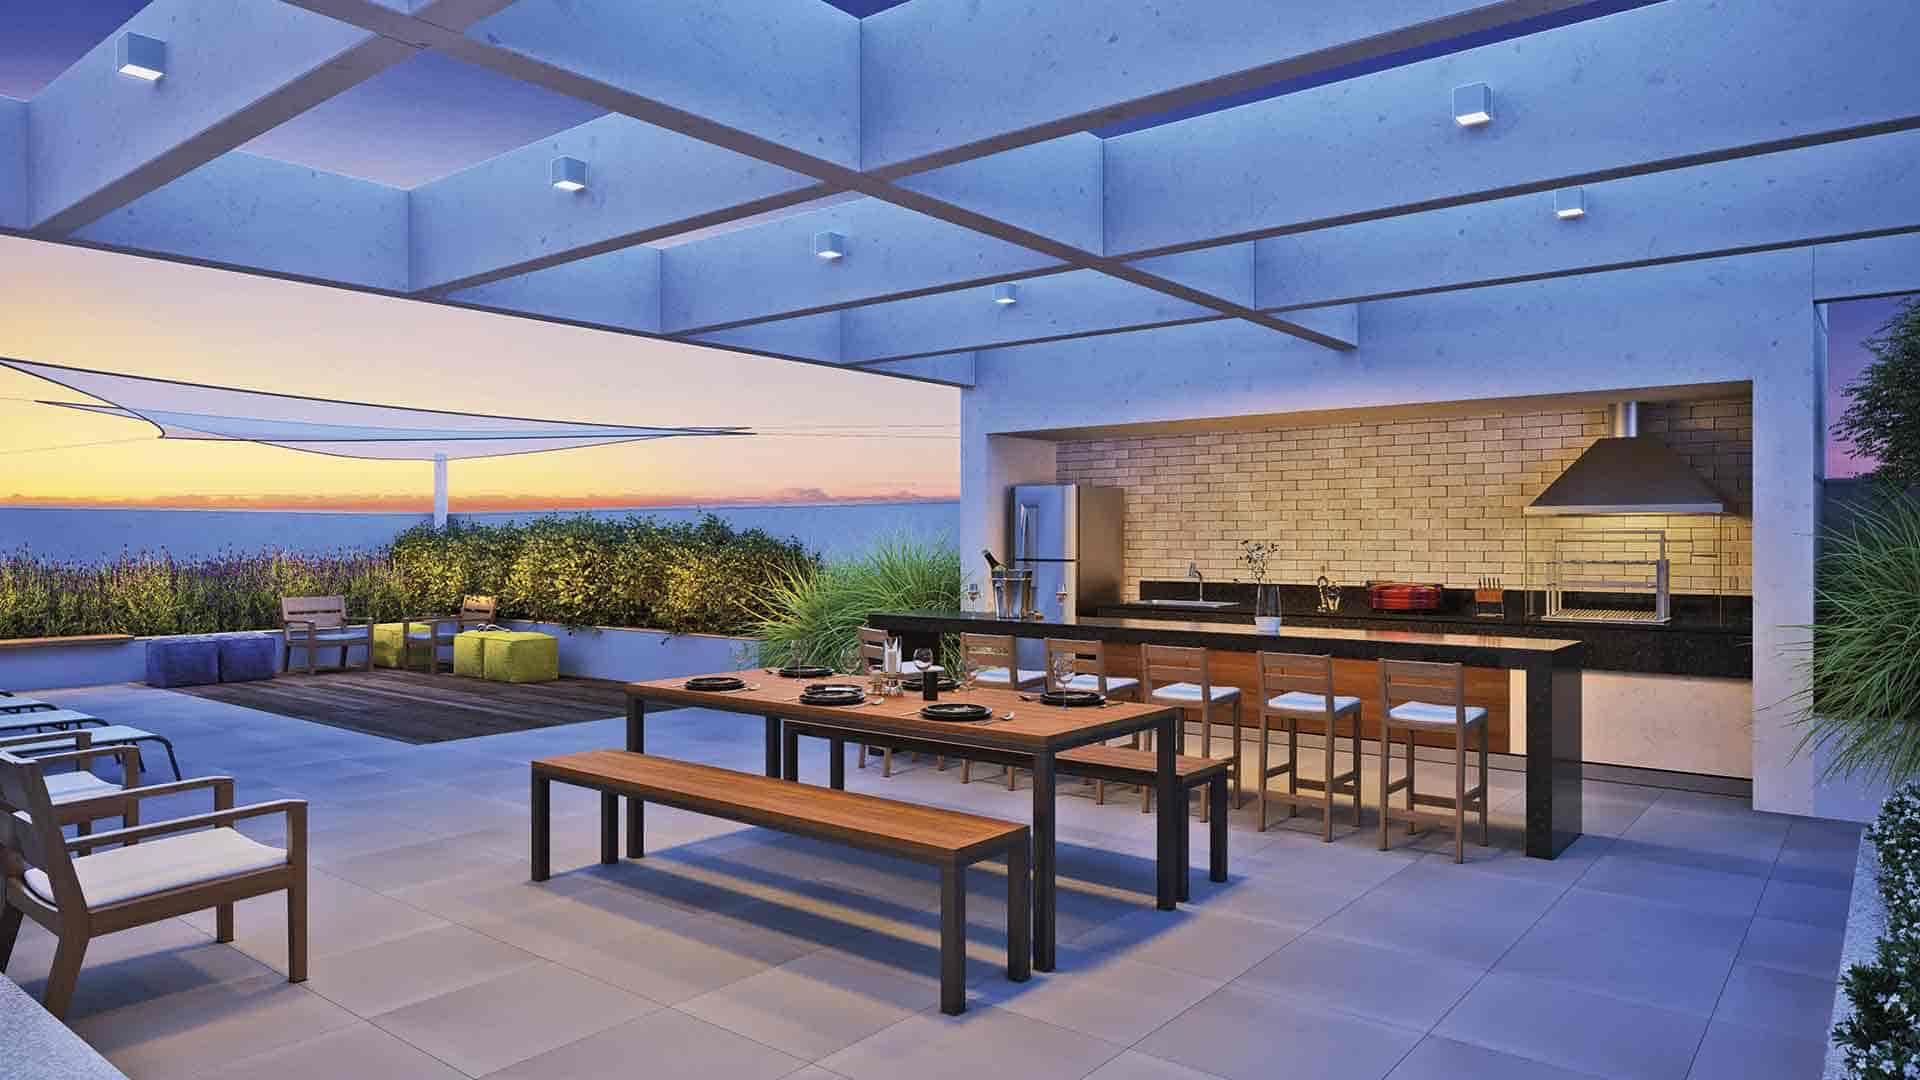 Perspectiva artística da churrasqueira integrada ao lounge.